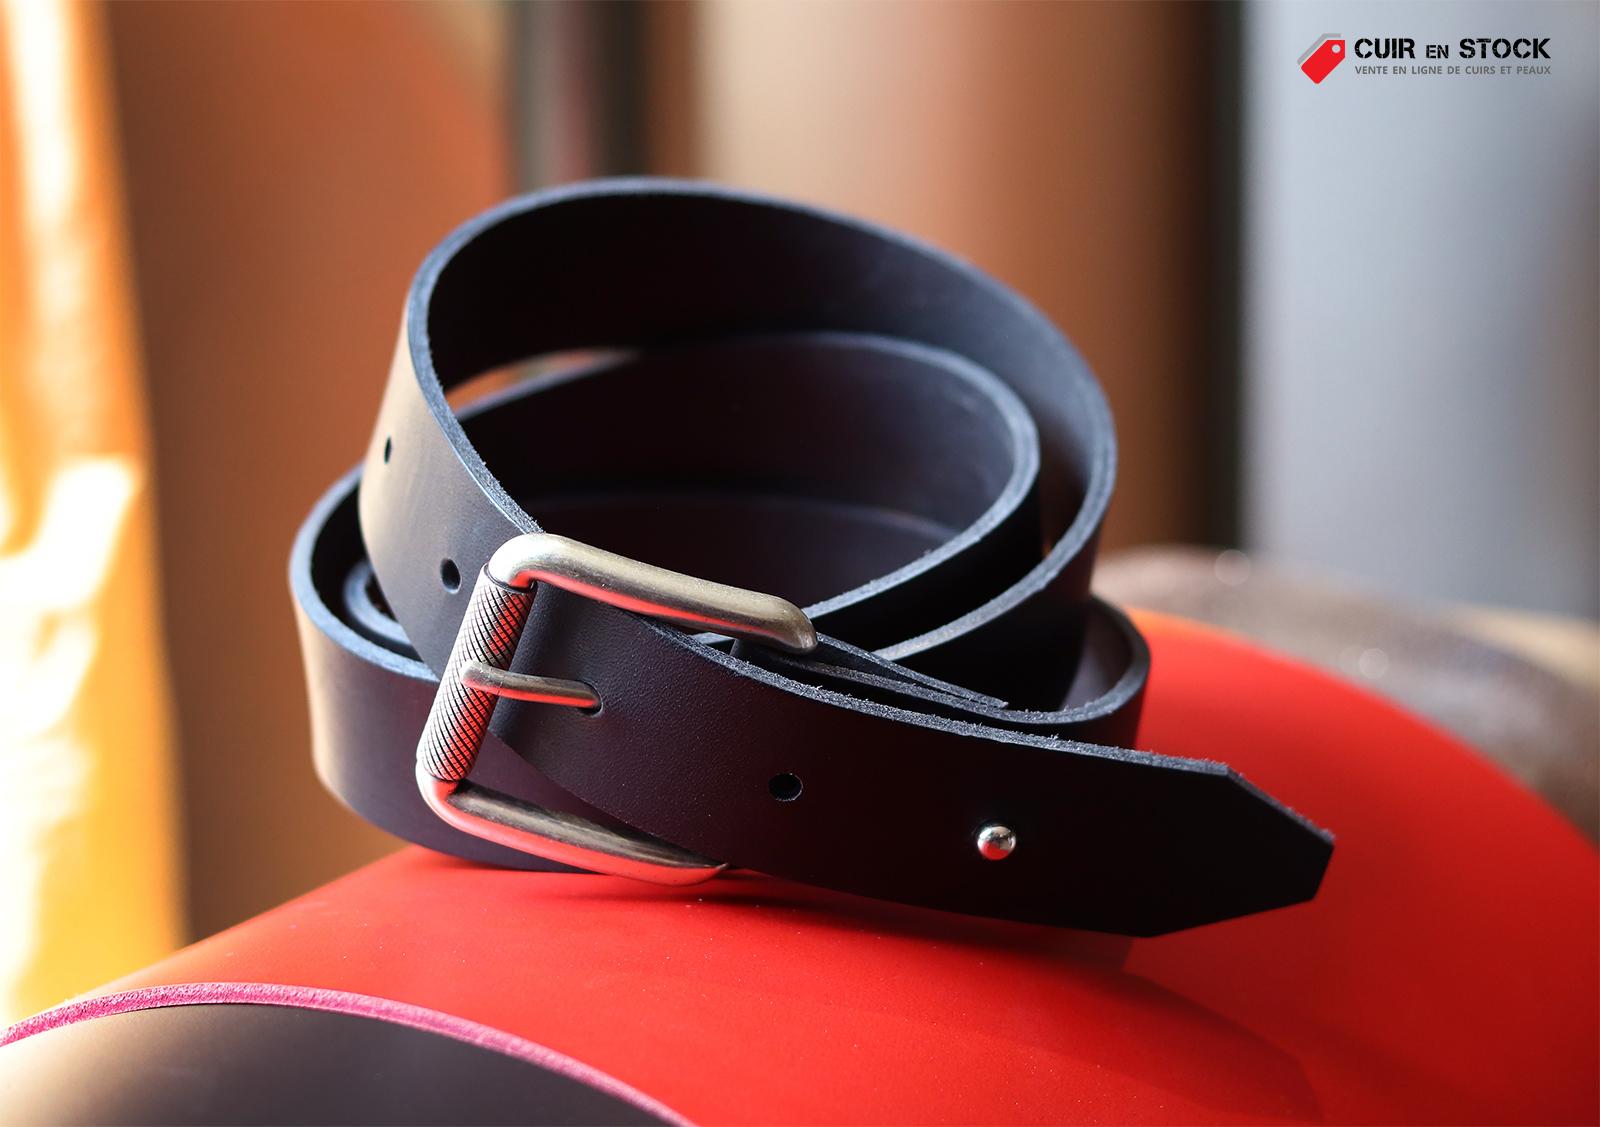 comment fabriquer une ceinture en cuir tutoriel cuirenstock